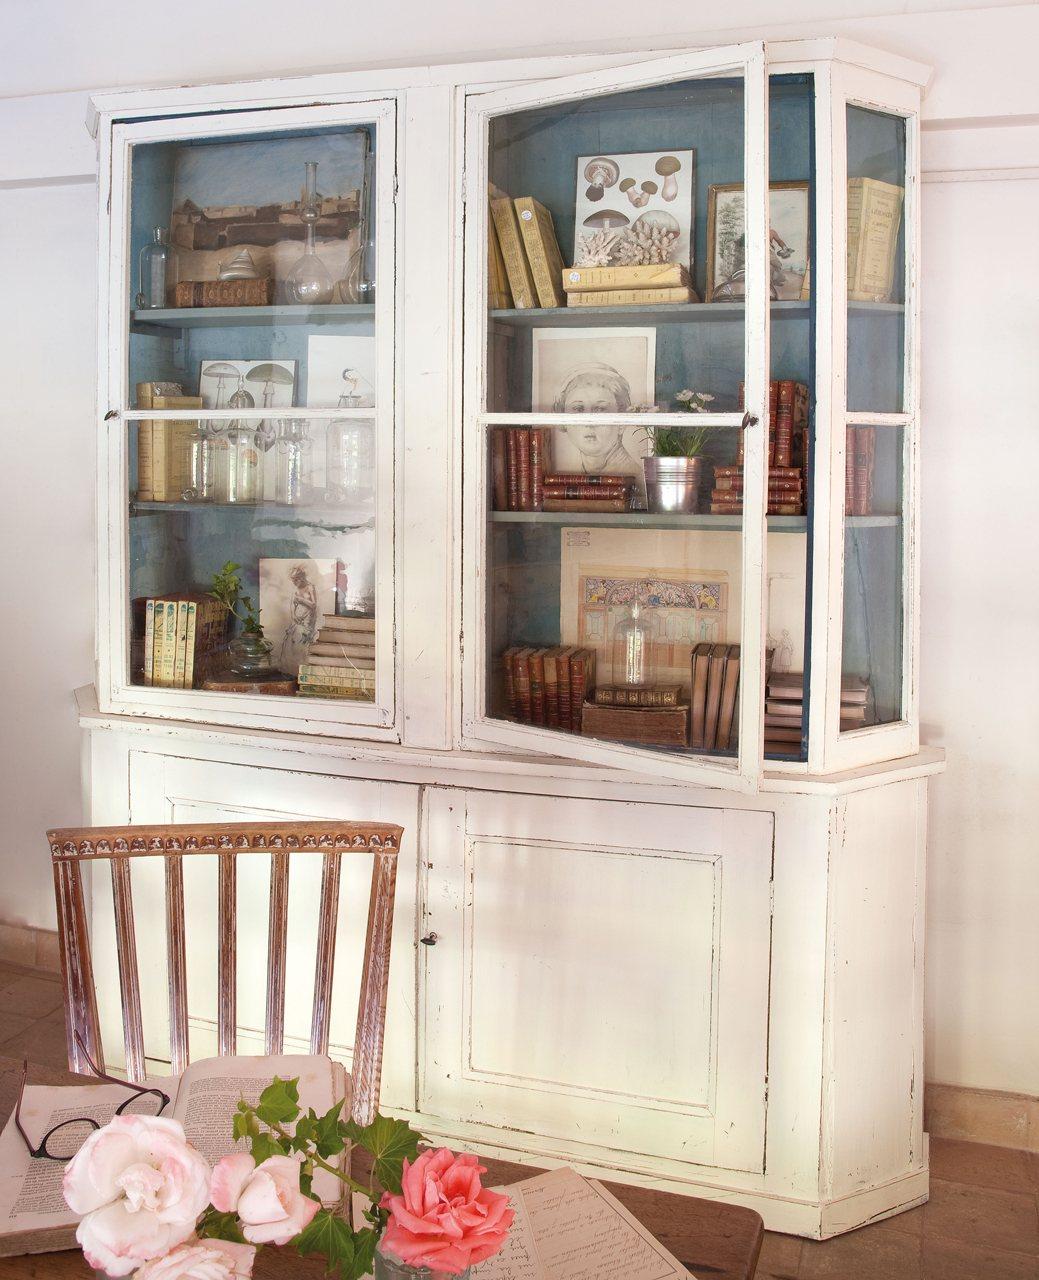 El arte de recuperar piezas antiguas - Recuperar muebles viejos ...